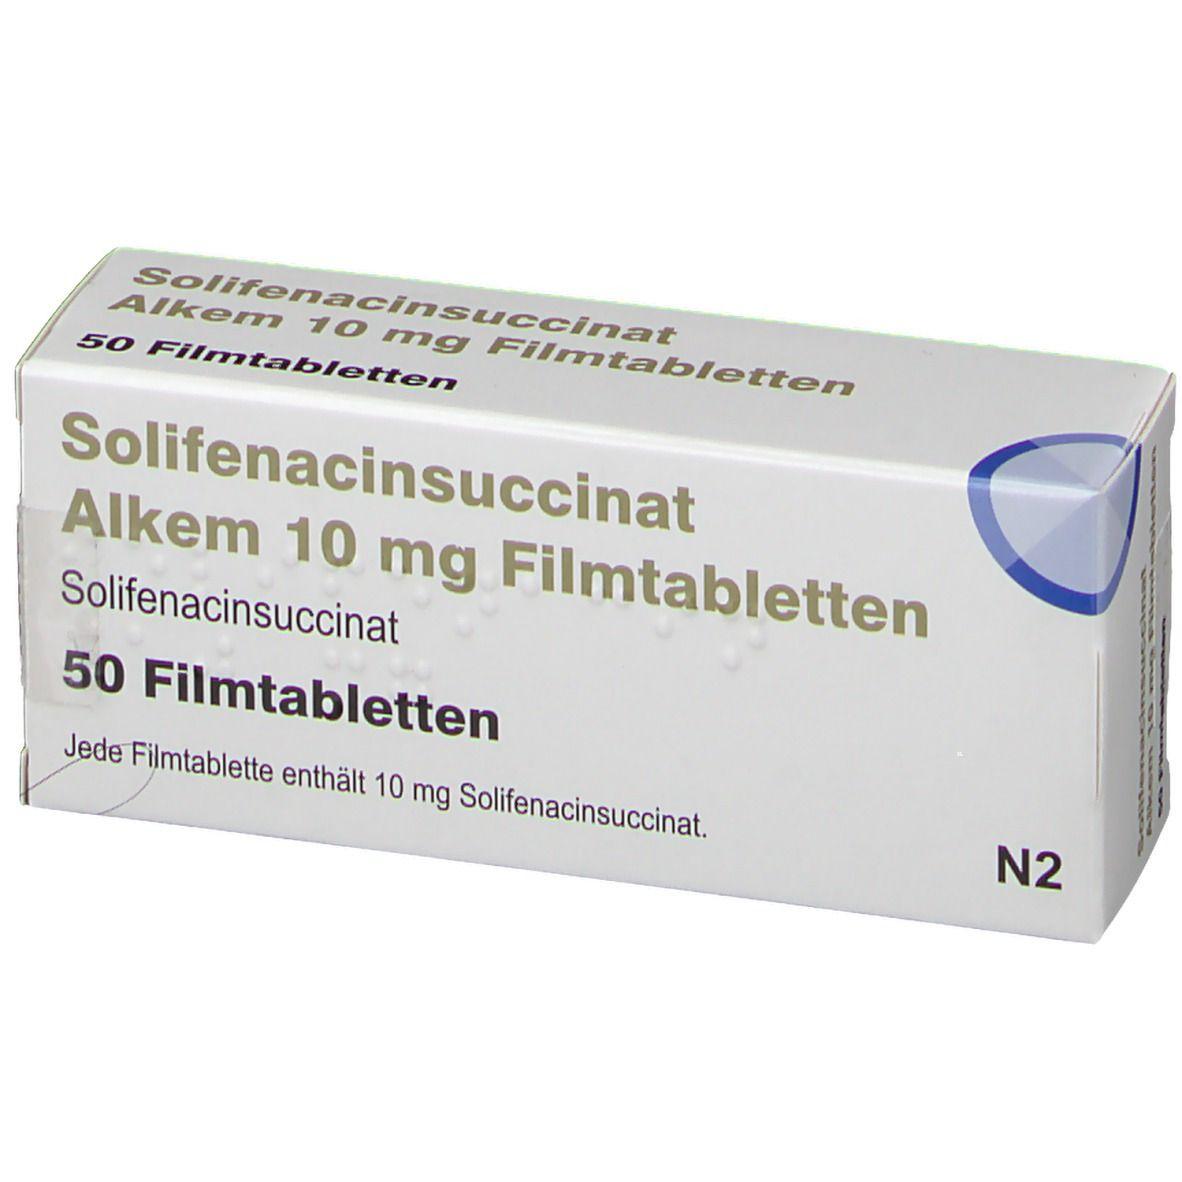 SOLIFENACINSUCCINAT Alkem 10 mg Filmtabletten